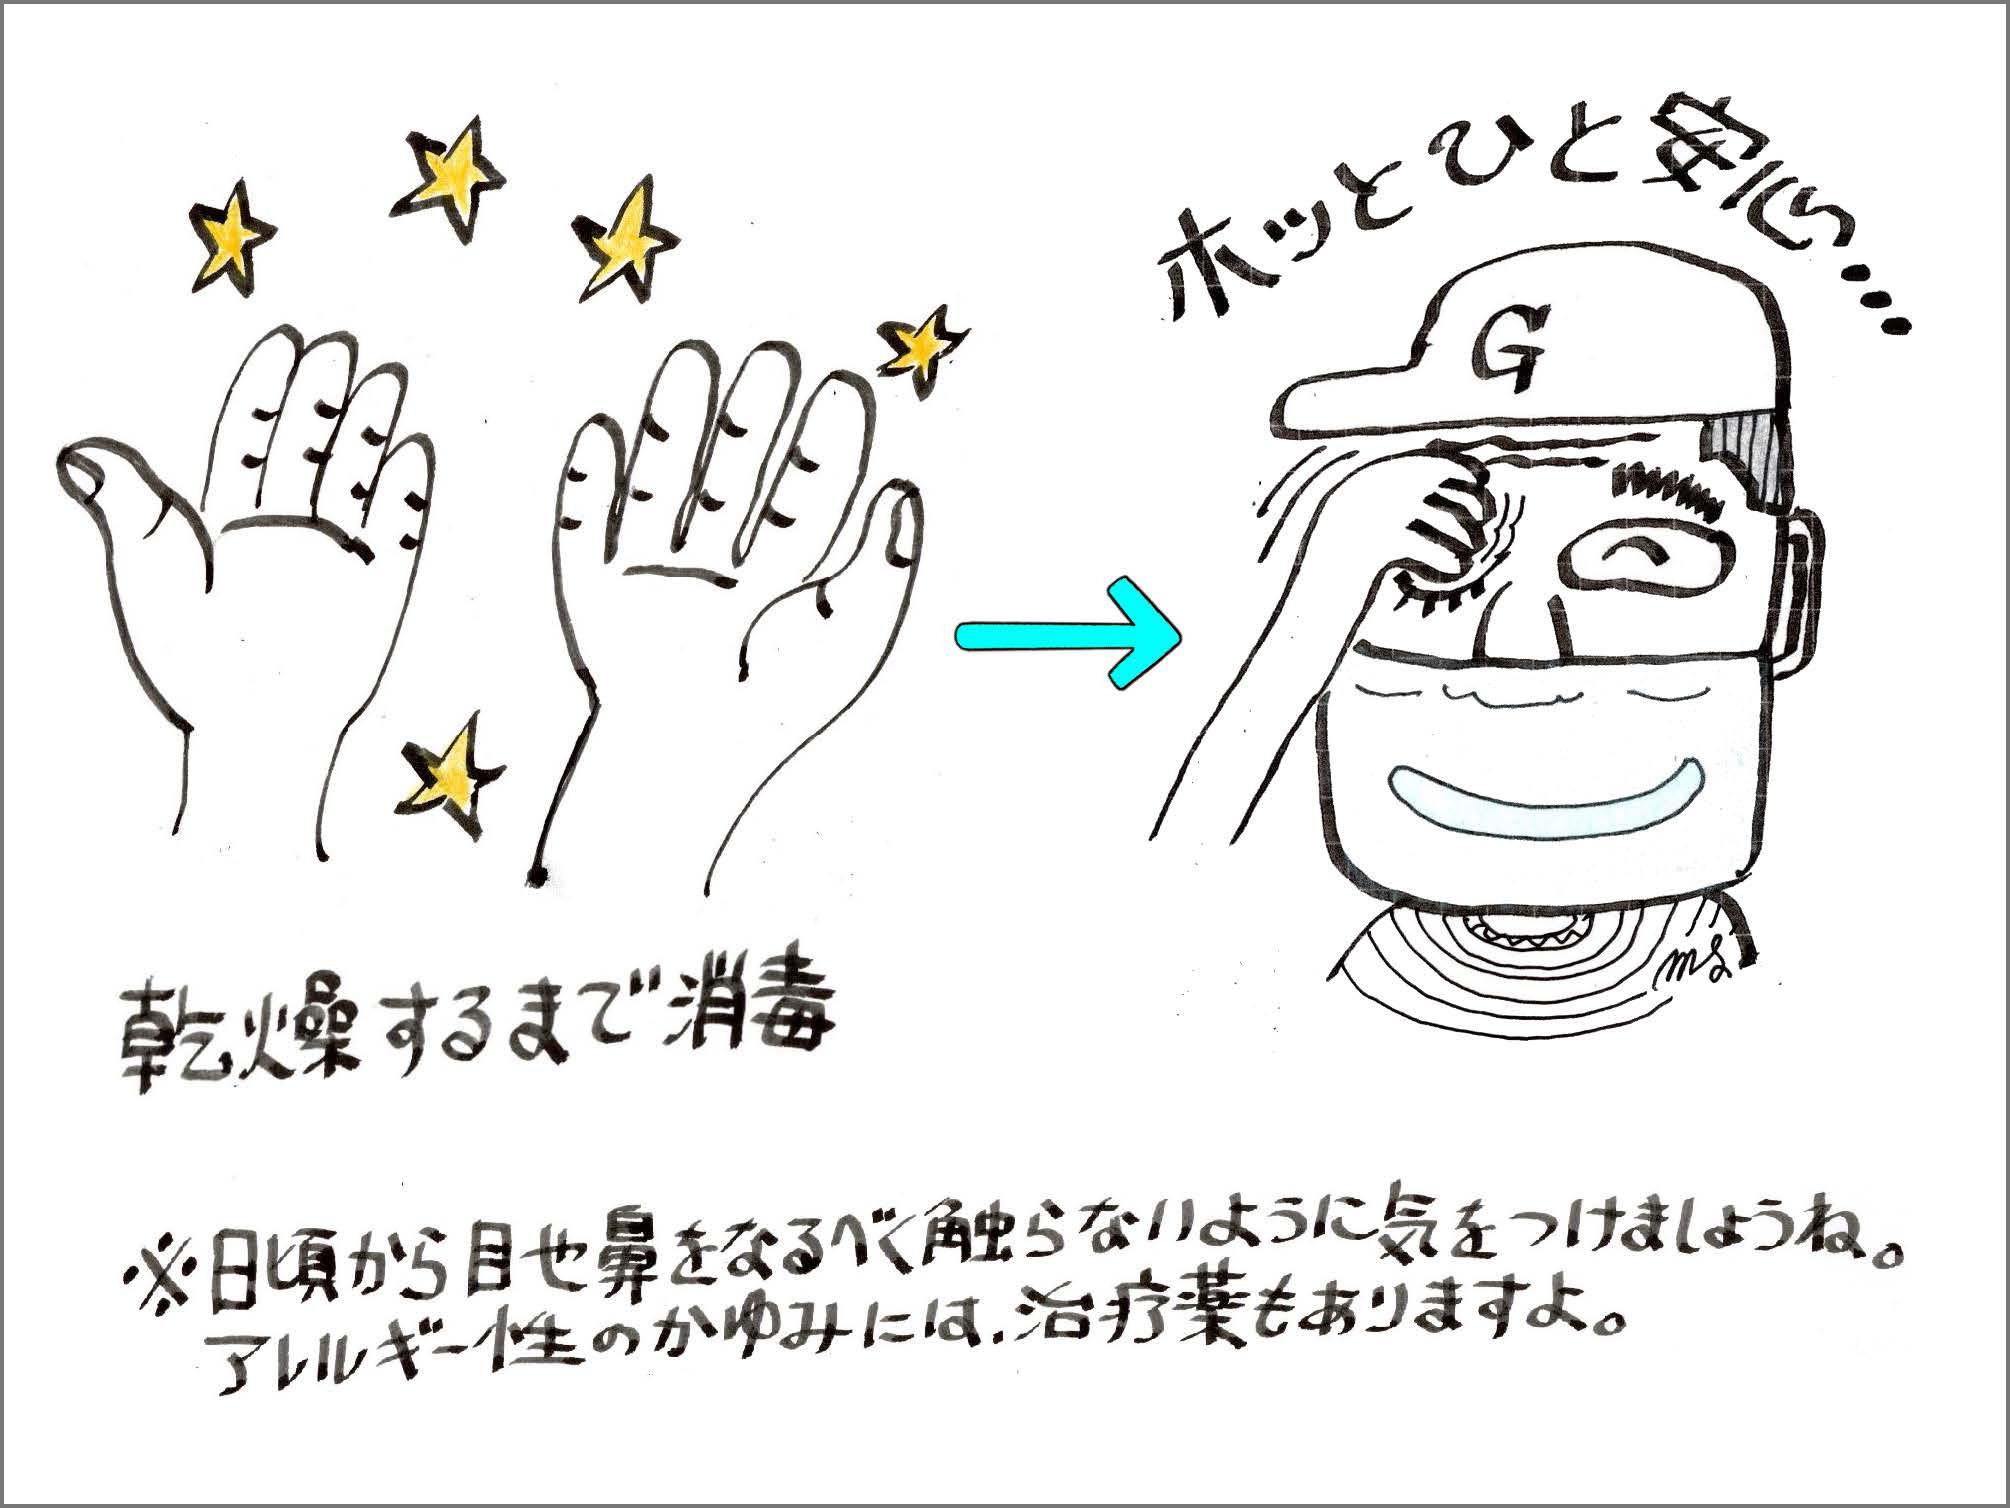 Corona_Gen_2020-4-16_p_17.jpg